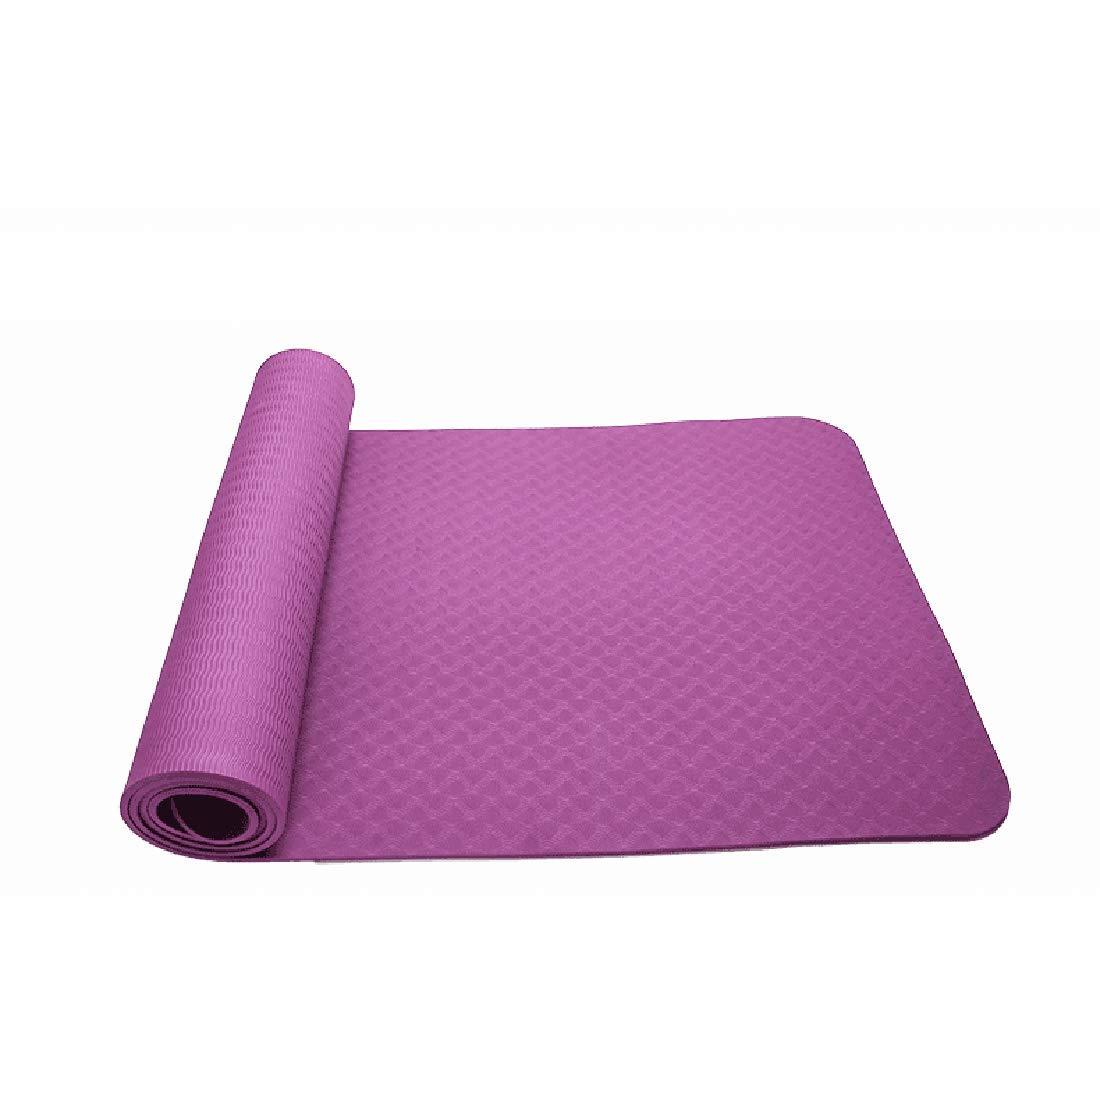 Xasclnis Yogamatte Umweltfreundliche TPE8mm Sportmatte Geeignet für die Turnhallenfamilie (Farbe : lila, Größe : 183cm)